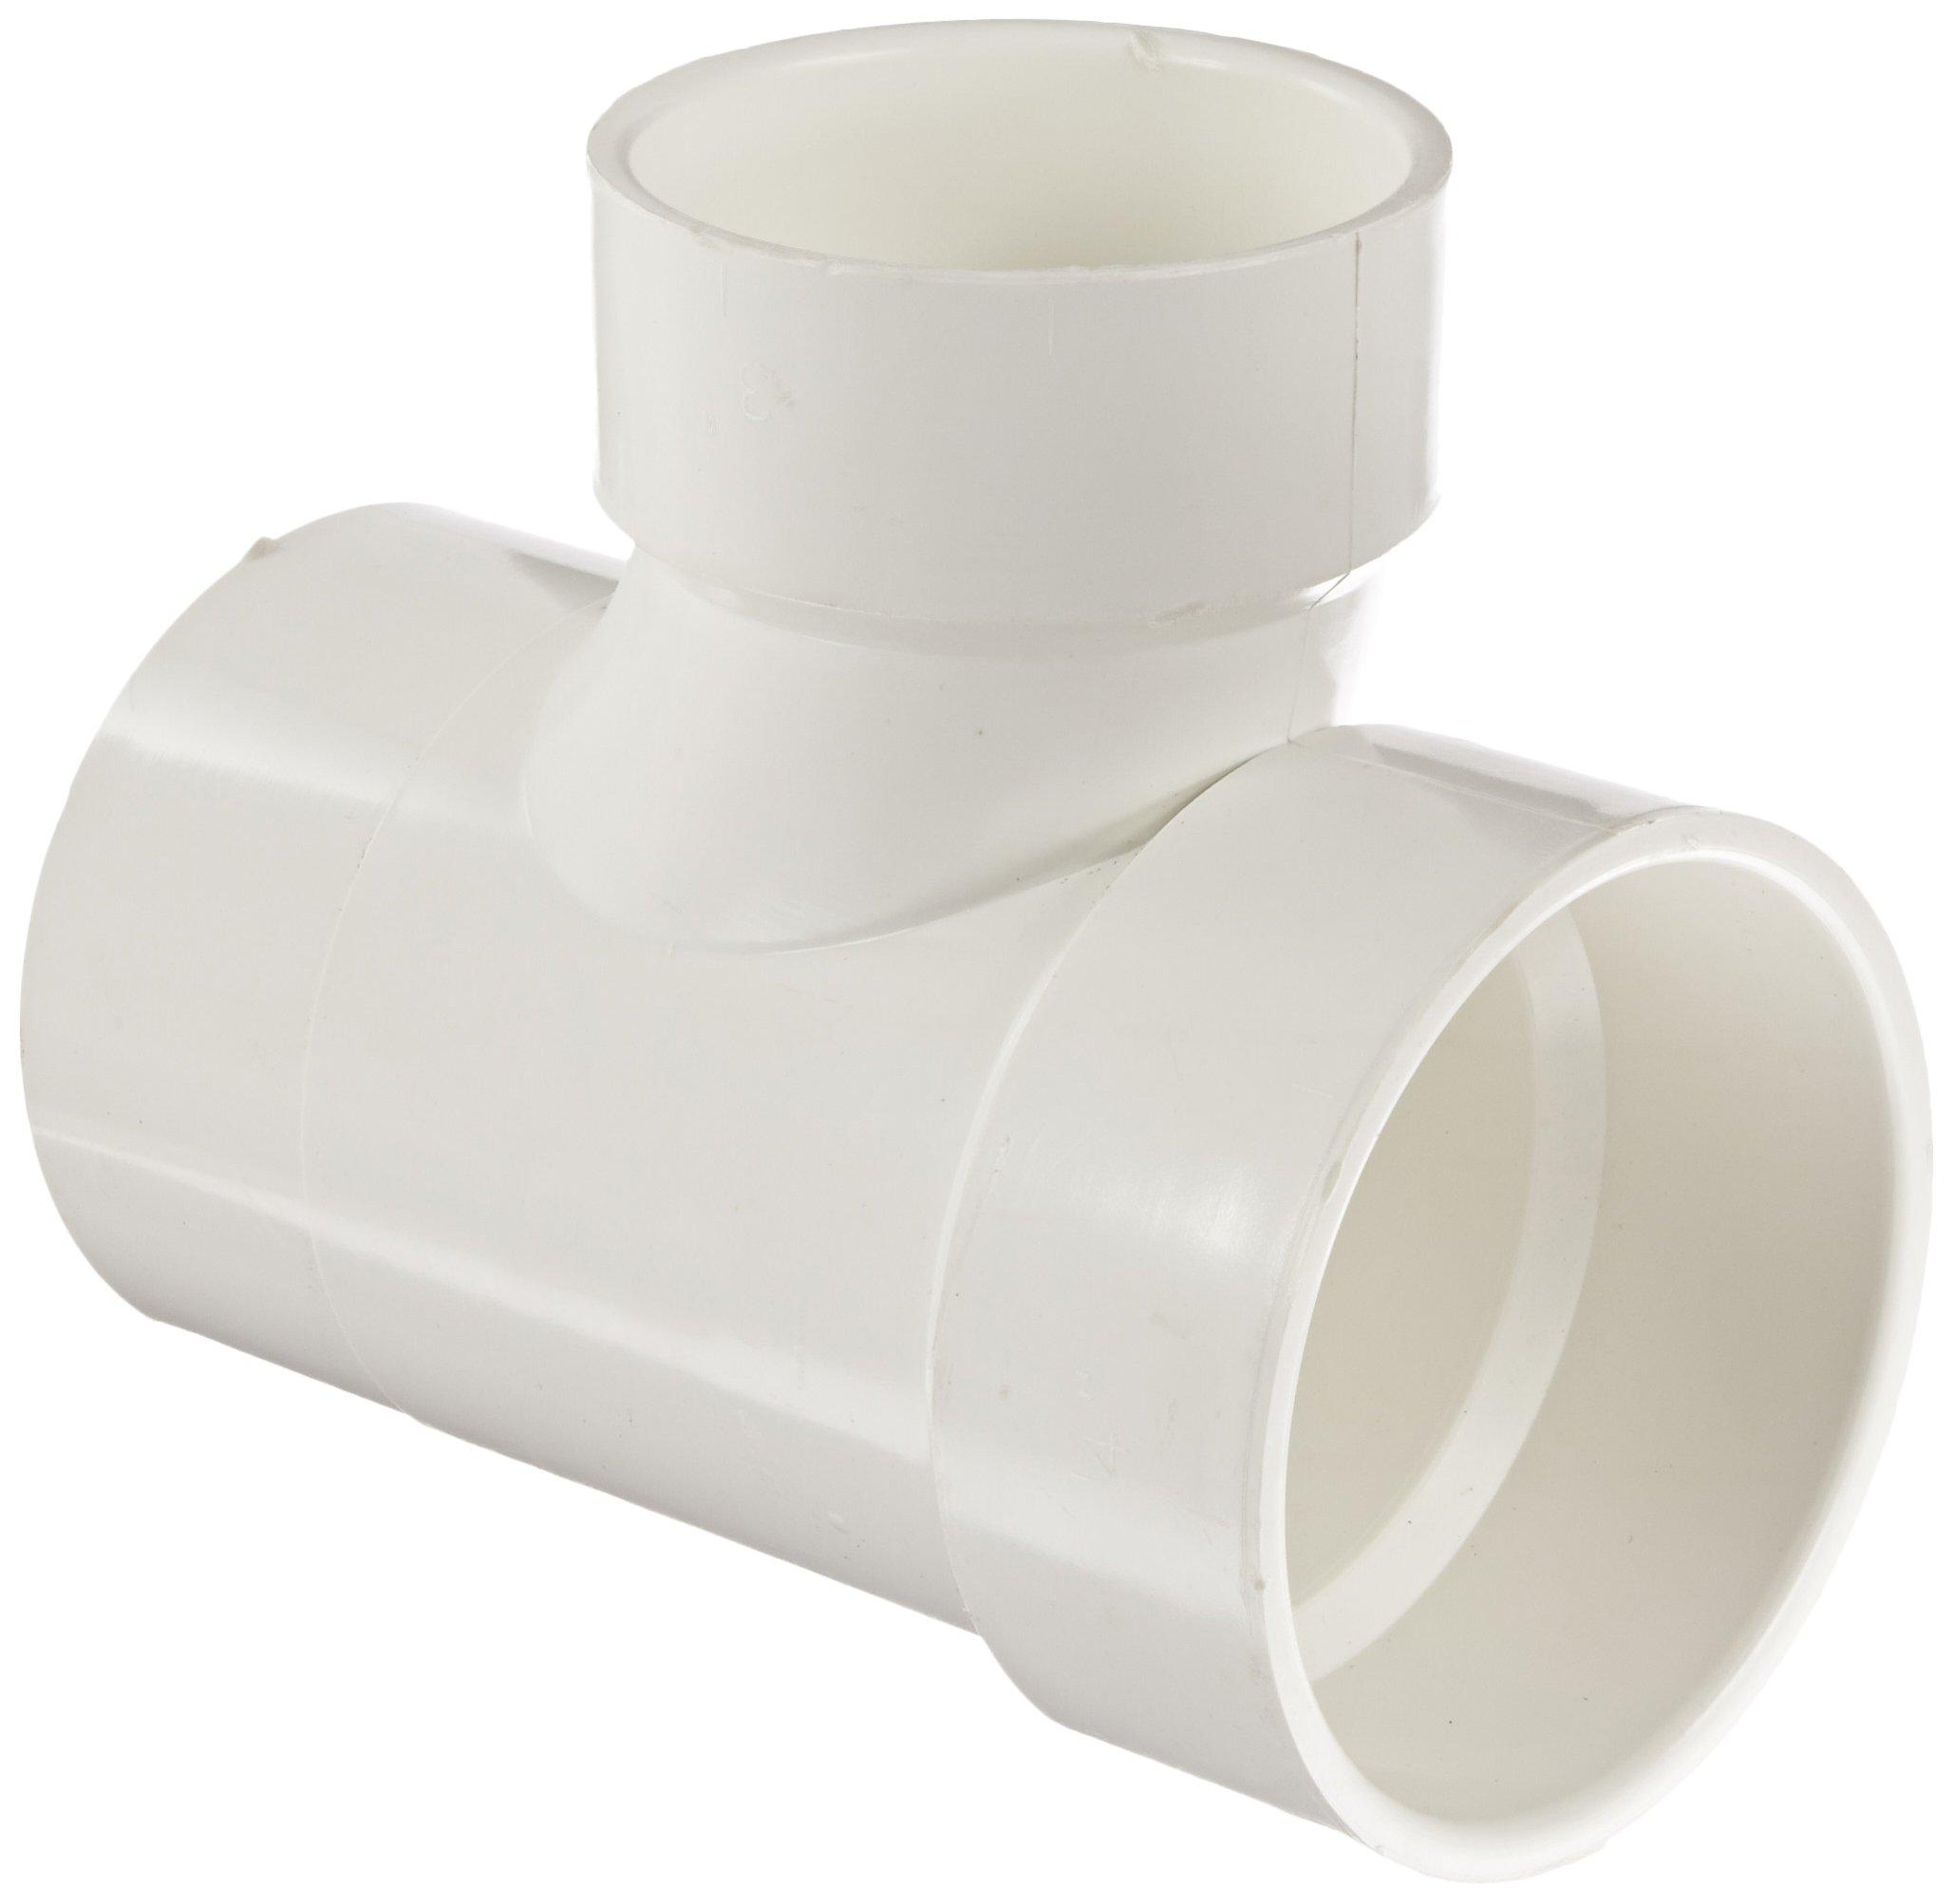 Spears P404 Series PVC DWV Pipe Fitting, Reducing Sanitary Tee, 4'' Spigot x 4'' Hub x 3'' Hub